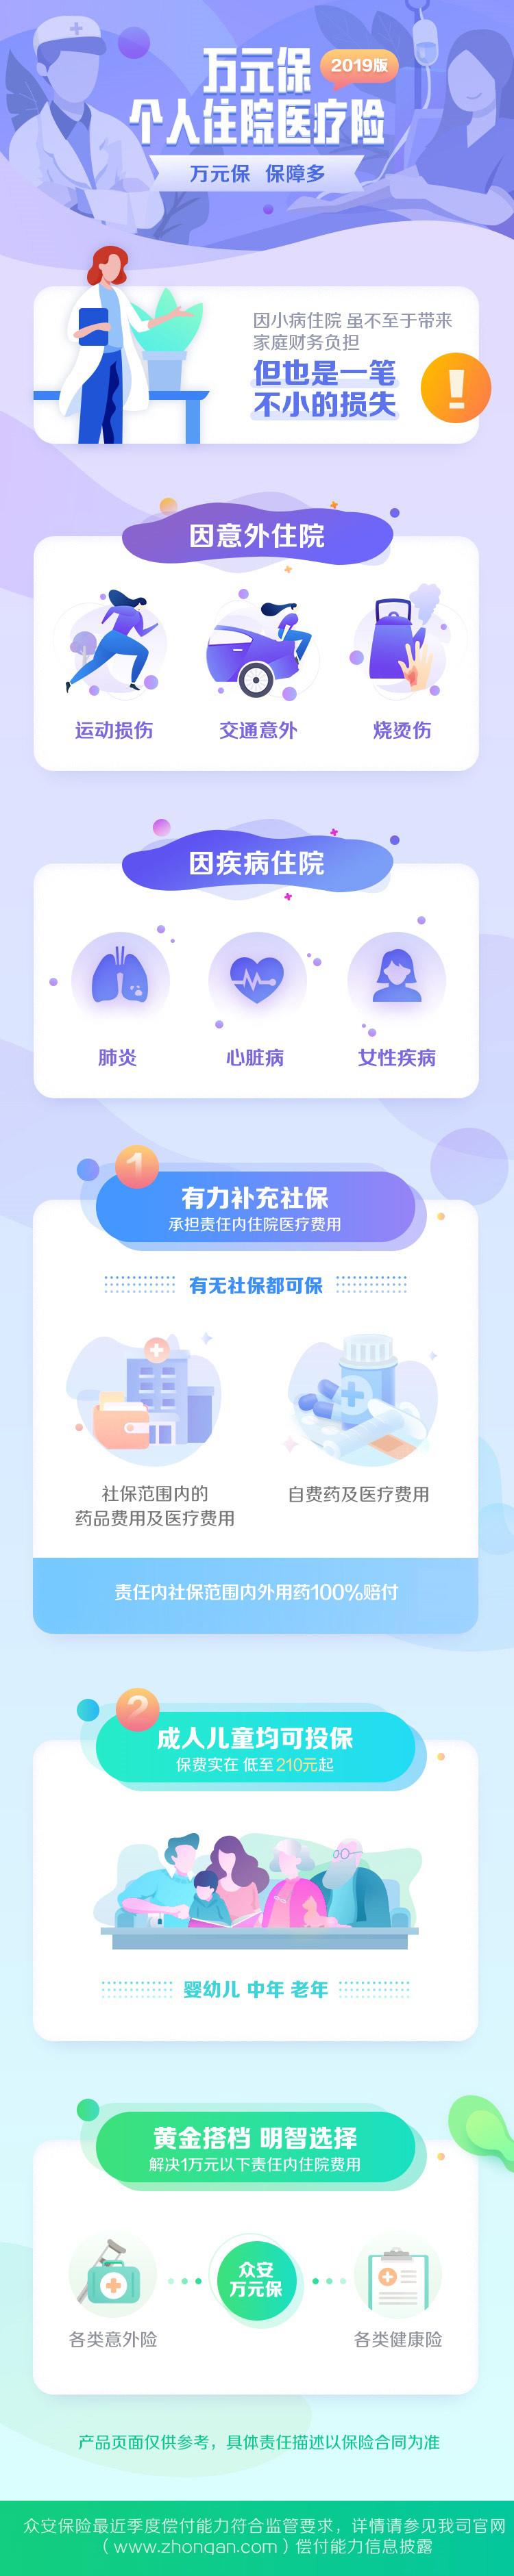 万元保产品详情图.jpg